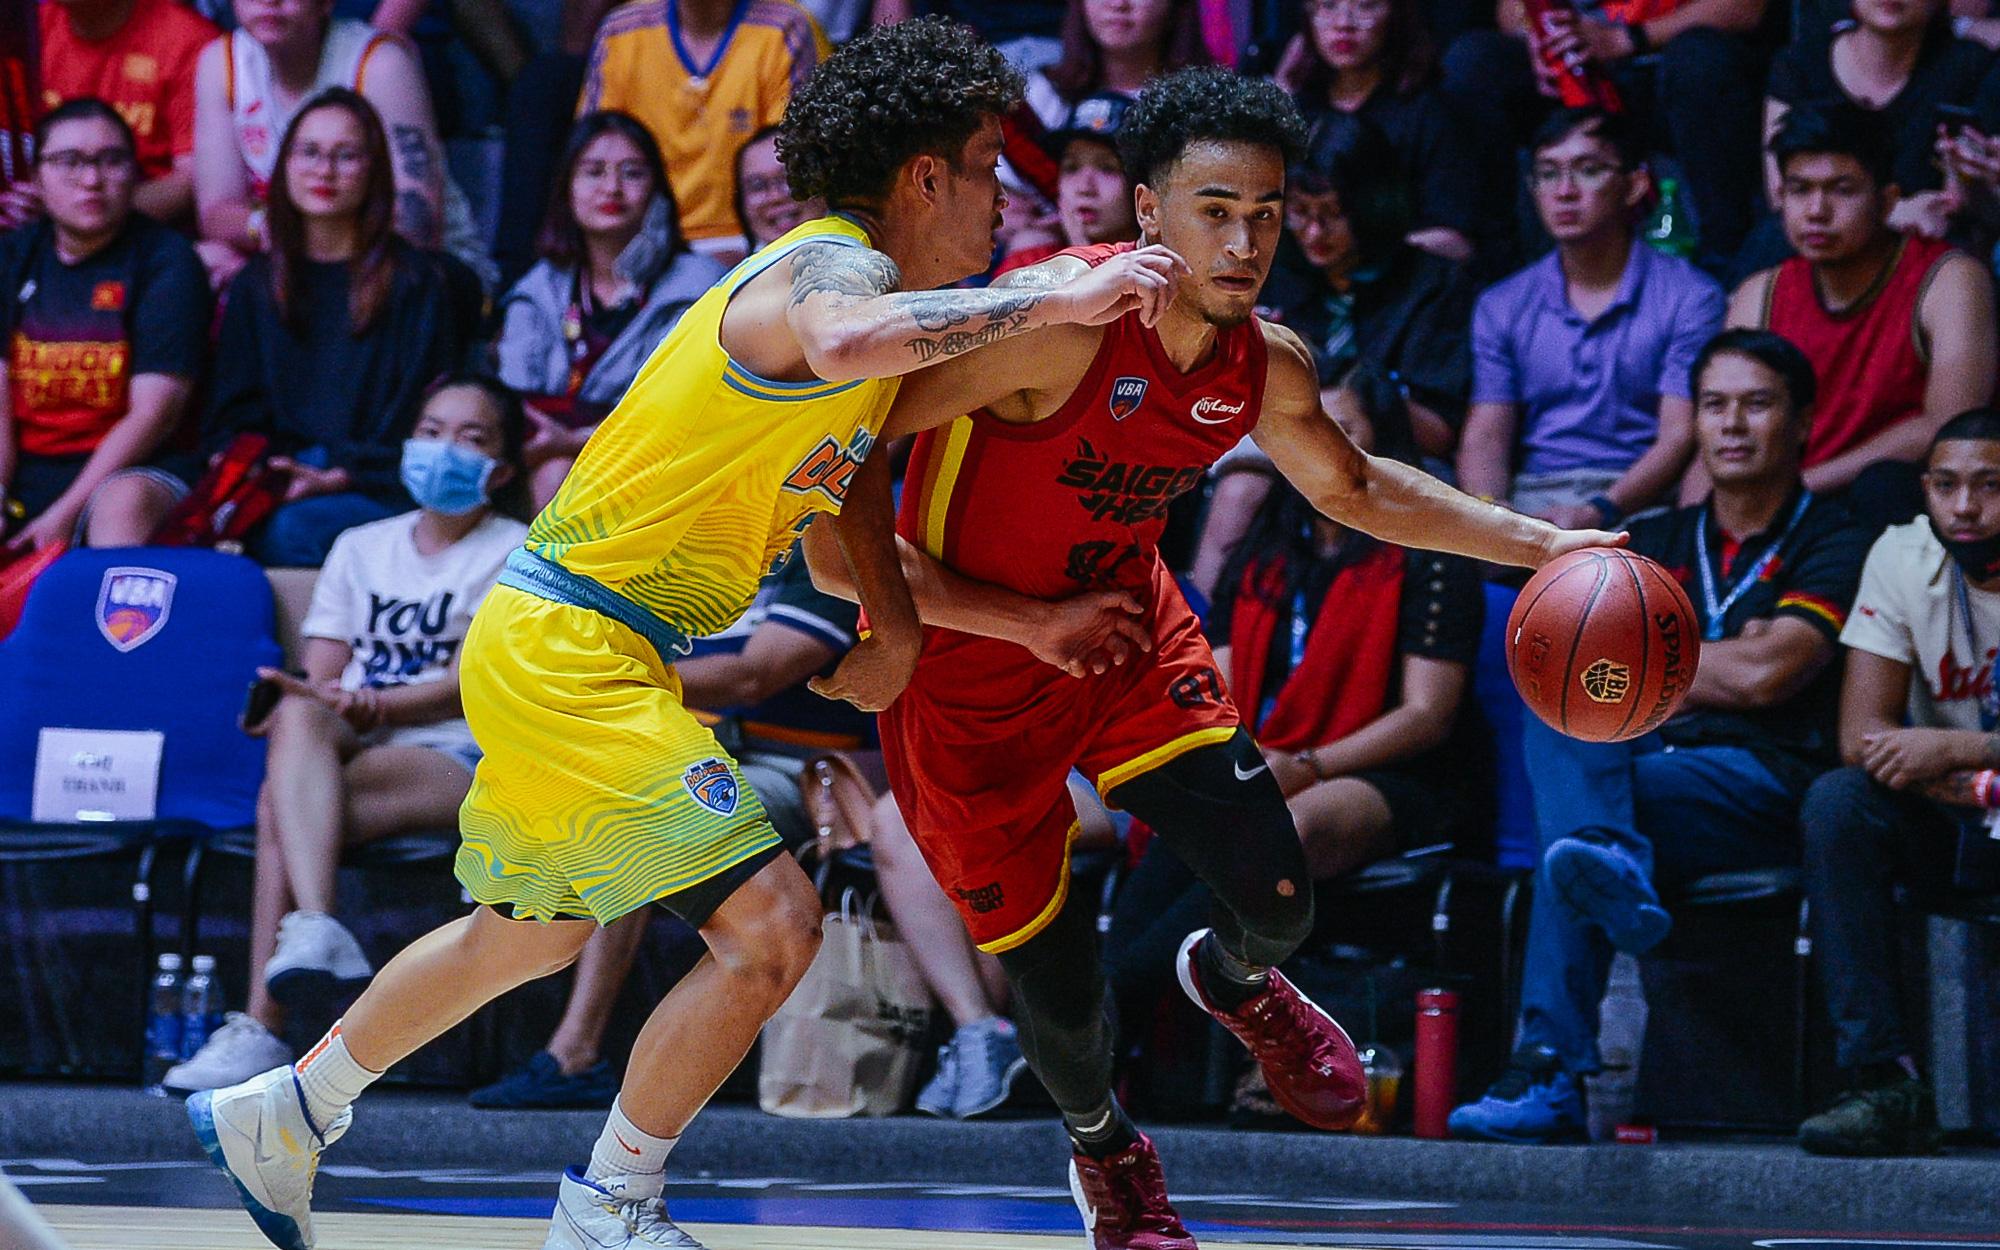 Bóc info về Christian Juzang - Hot boy Việt kiều đang làm dậy sóng mùa giải bóng rổ chuyên nghiệp VBA 2020